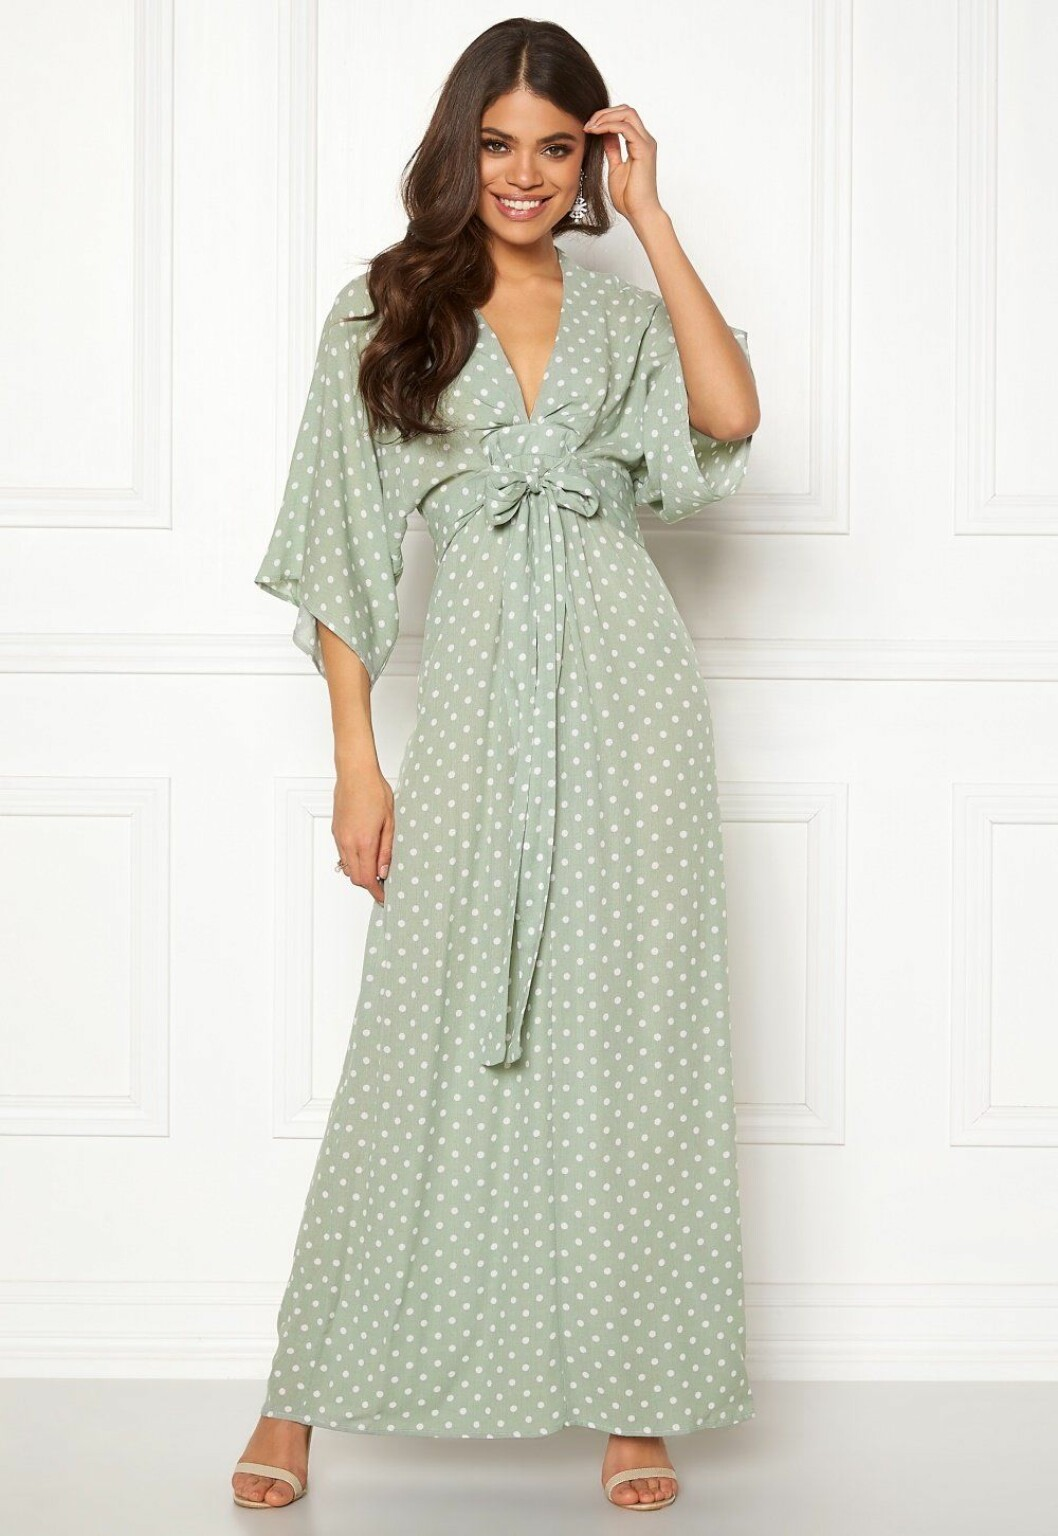 Mintgrön klänning till bröllop för dam 2019